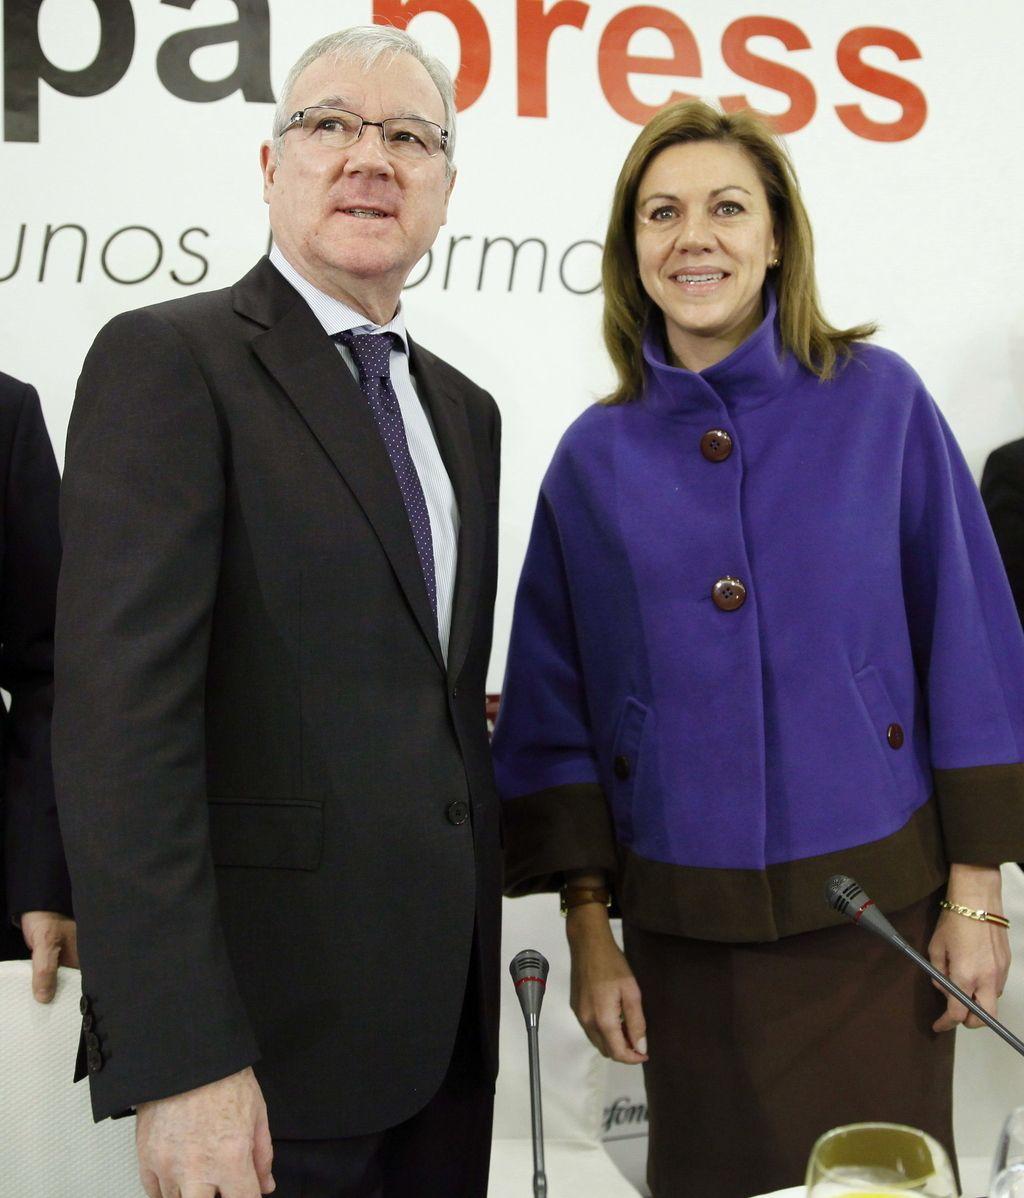 Ramón Luis Varcácel y María Dolores de Cospedal